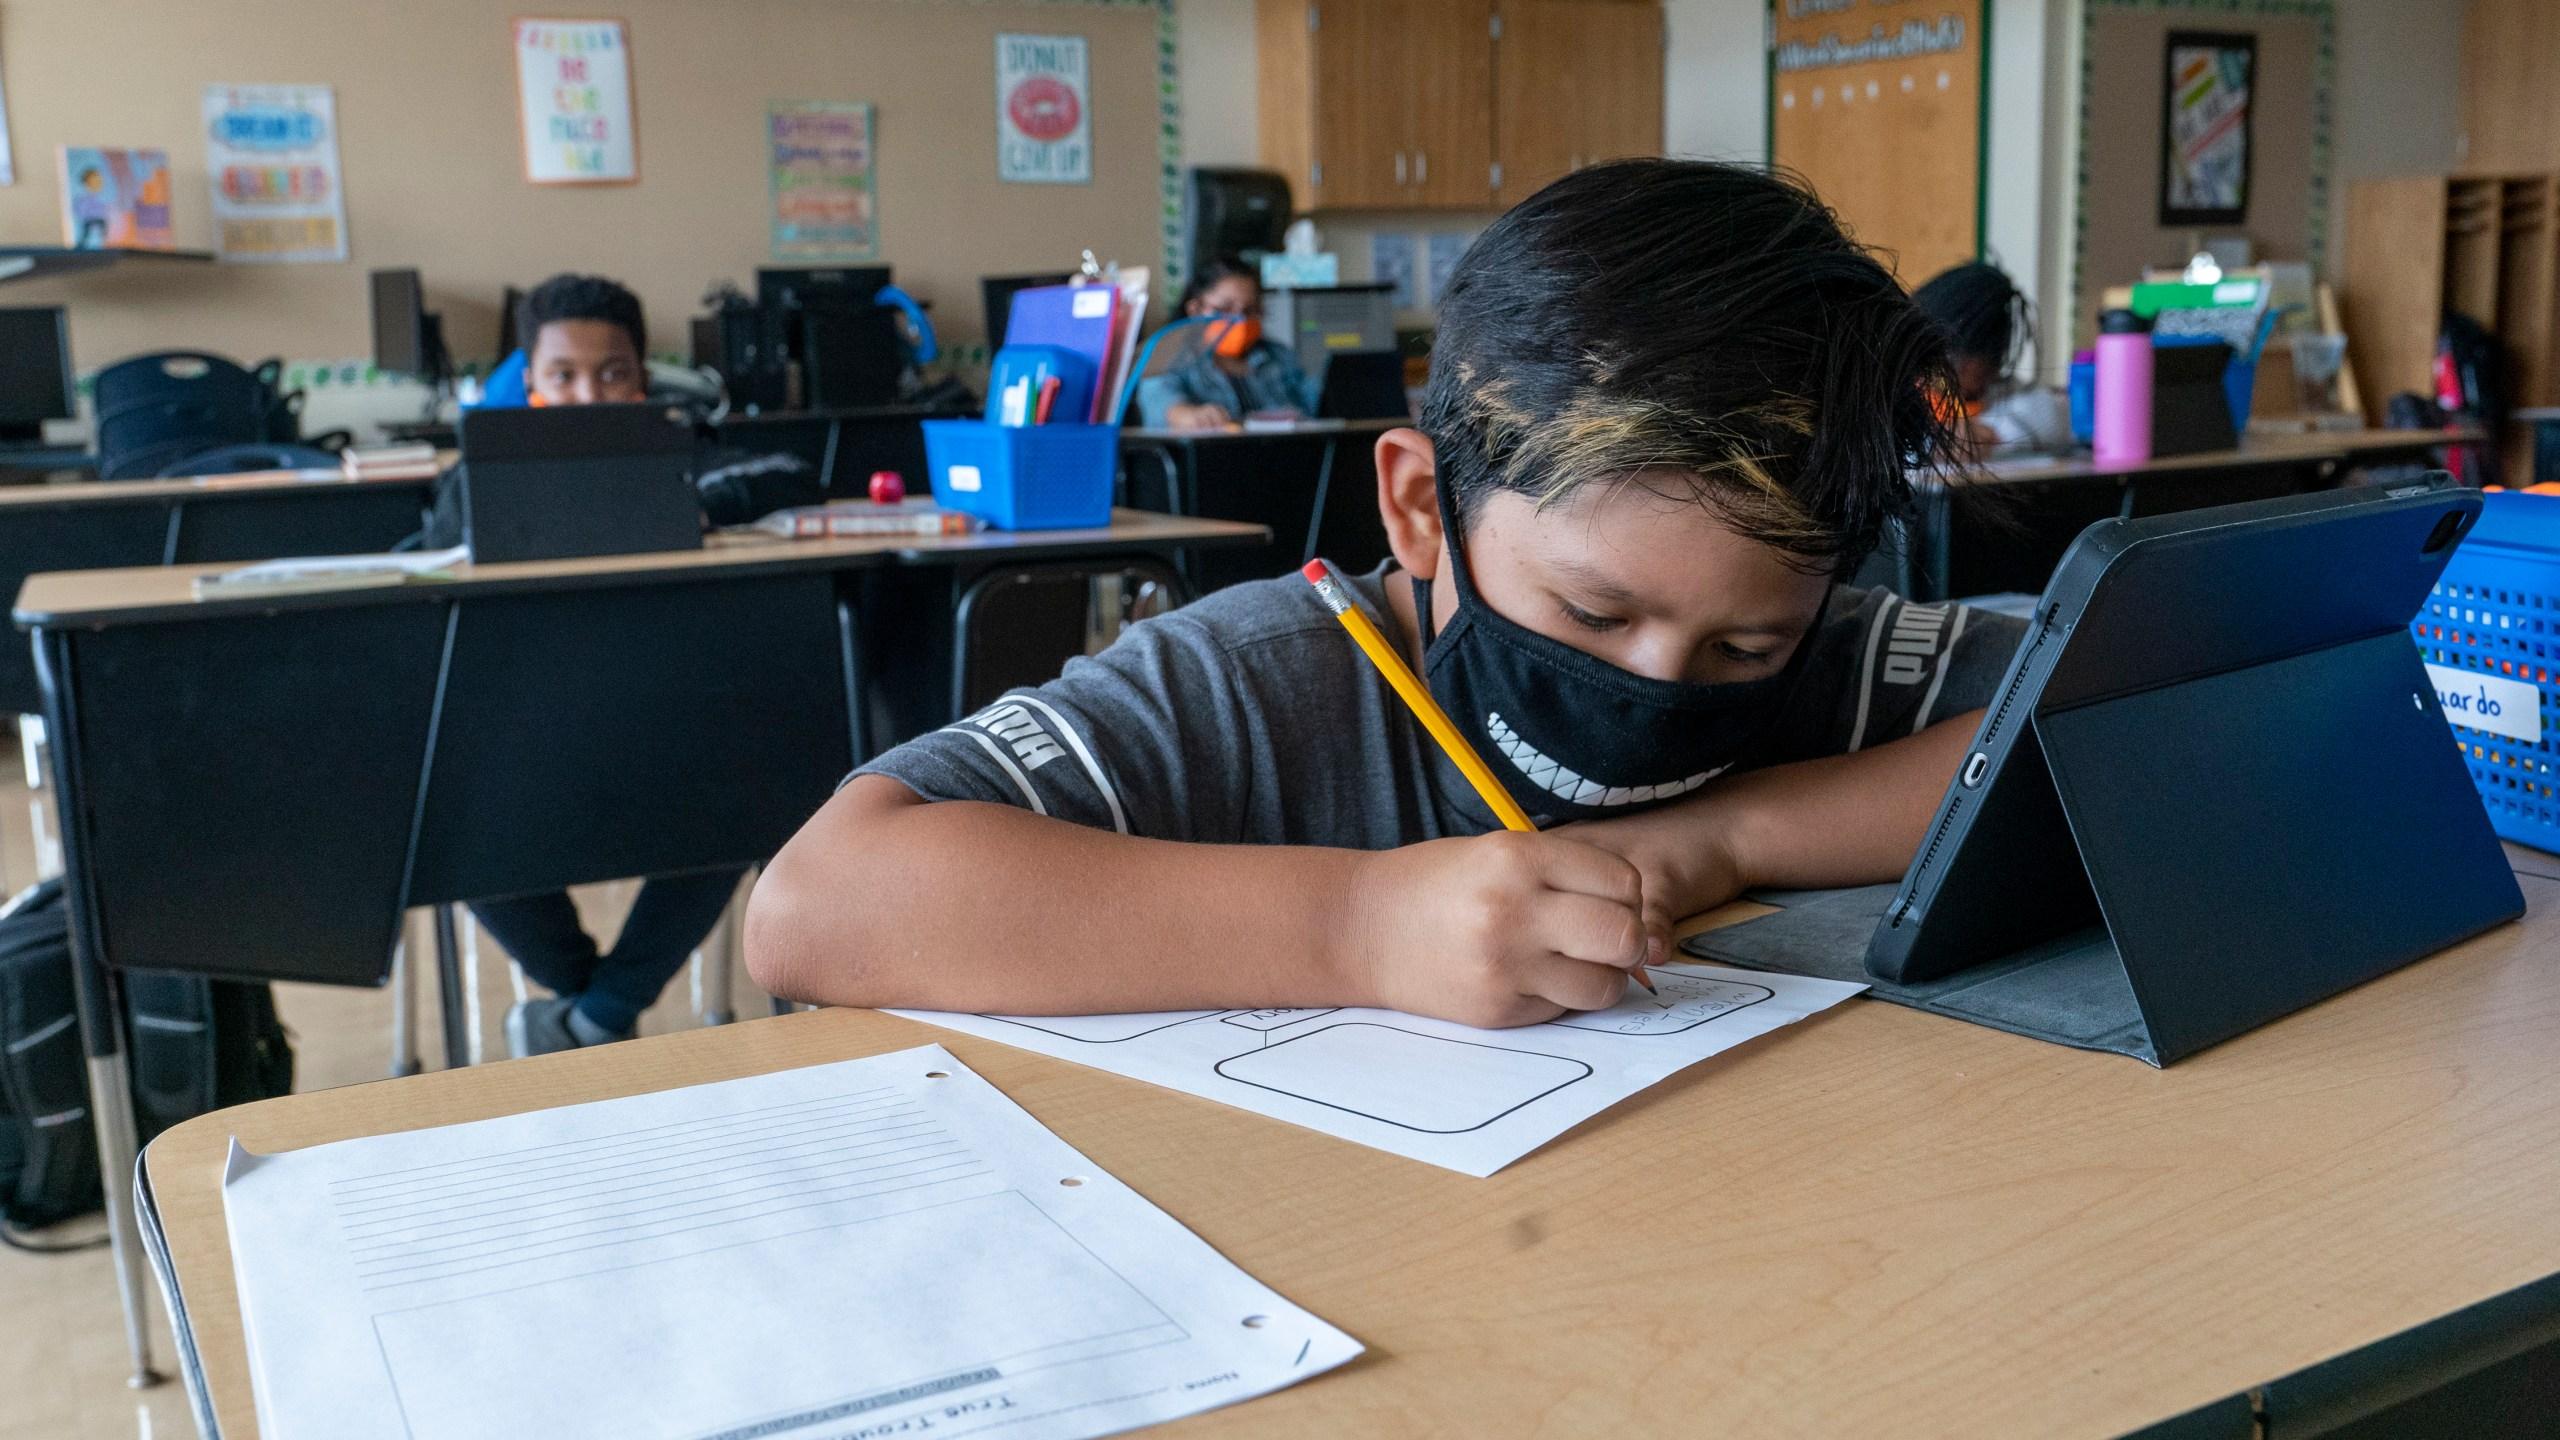 Virus Outbreak Mask Guidelines